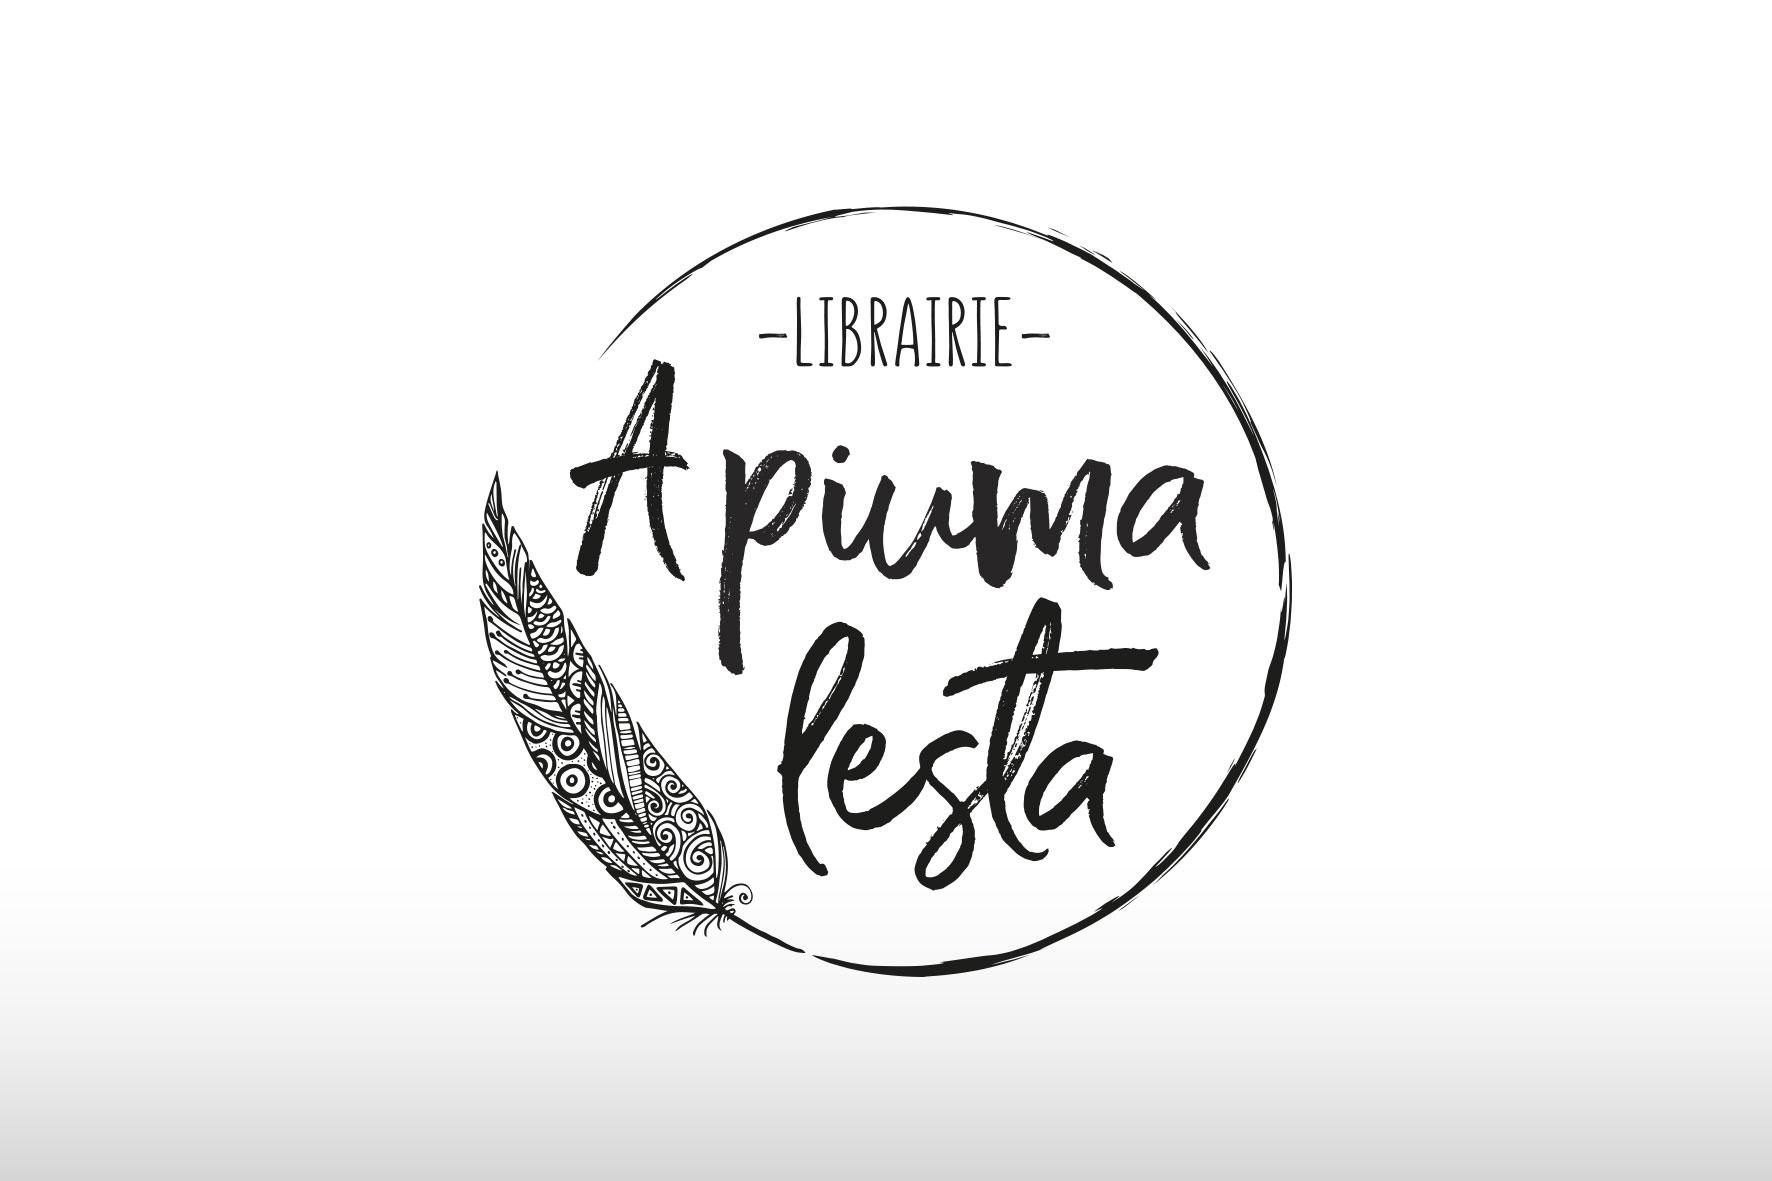 Librairie A Piuma Lesta